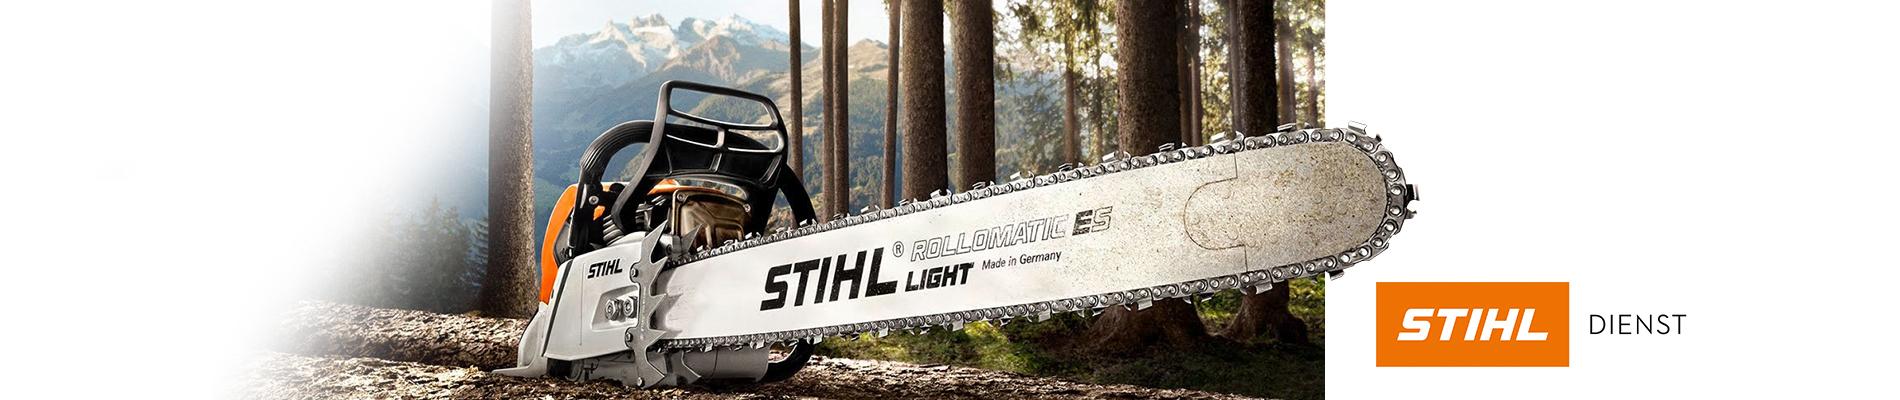 Stihl-Header-2-neues-Logo